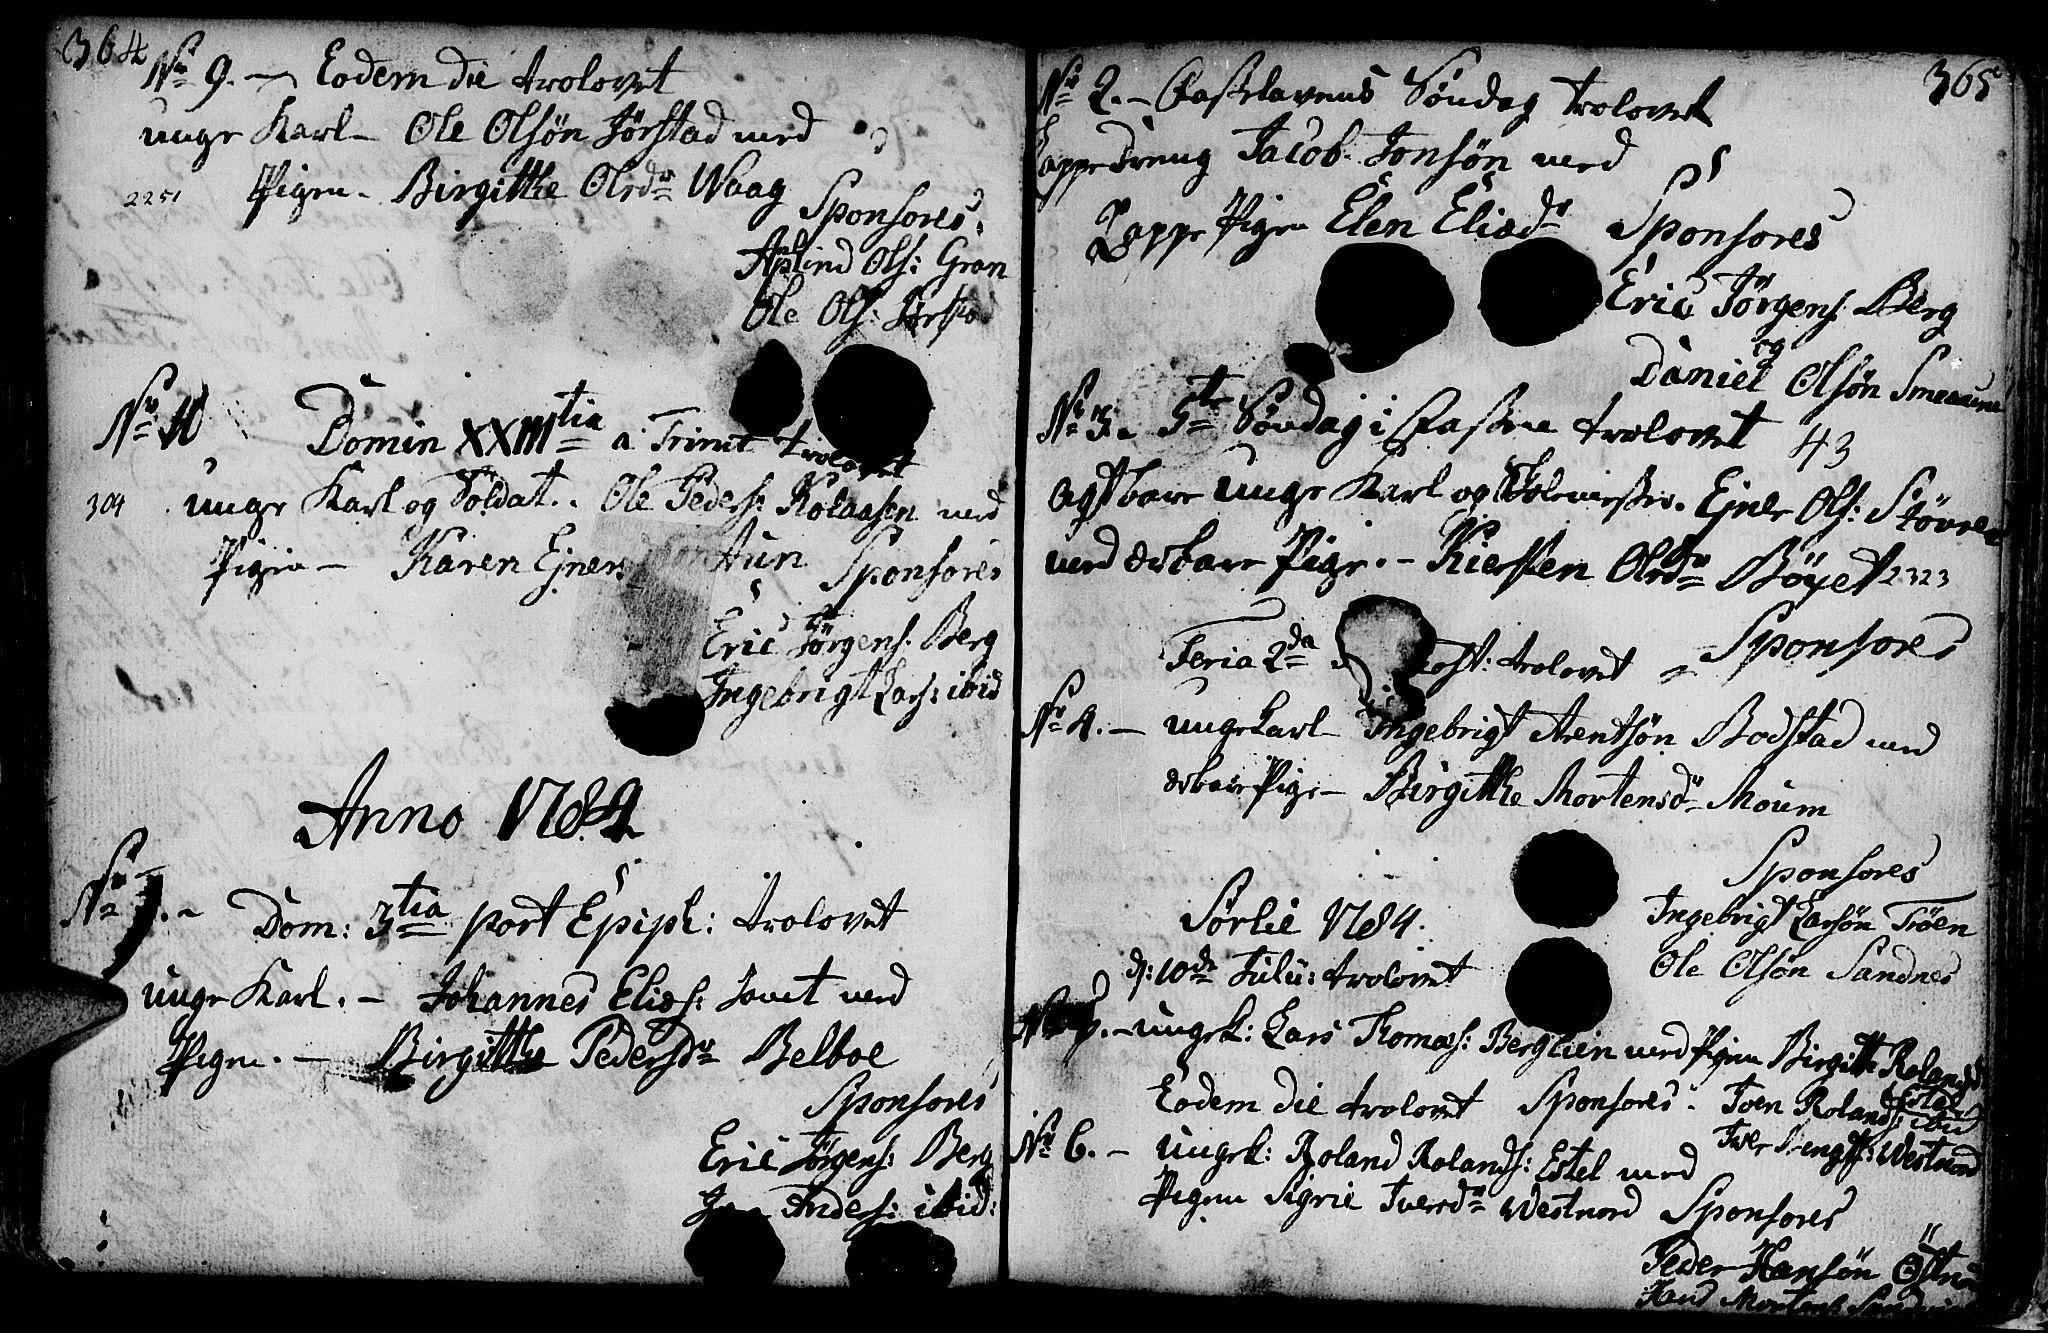 SAT, Ministerialprotokoller, klokkerbøker og fødselsregistre - Nord-Trøndelag, 749/L0467: Ministerialbok nr. 749A01, 1733-1787, s. 364-365